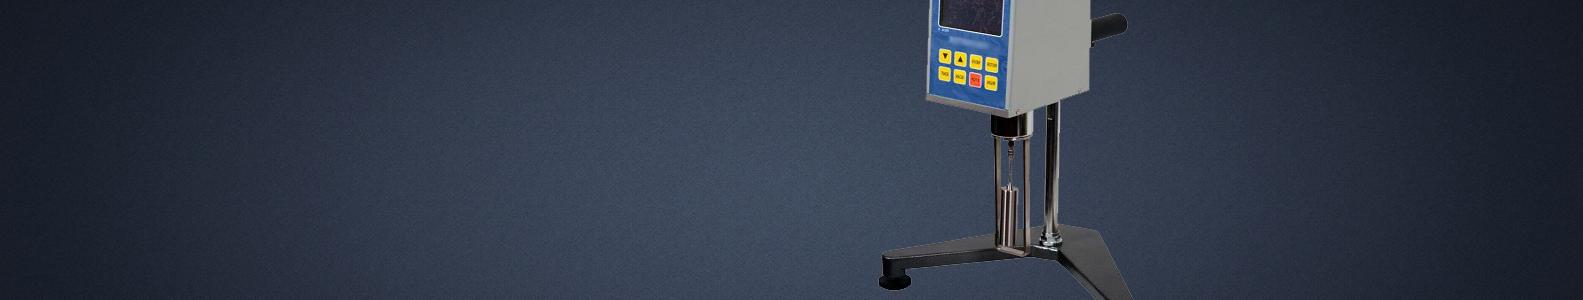 Klampumo matuokliai  Klampumo matuokliai ieškantiems aukštos kokybės, tikslaus matavimo prietaisų